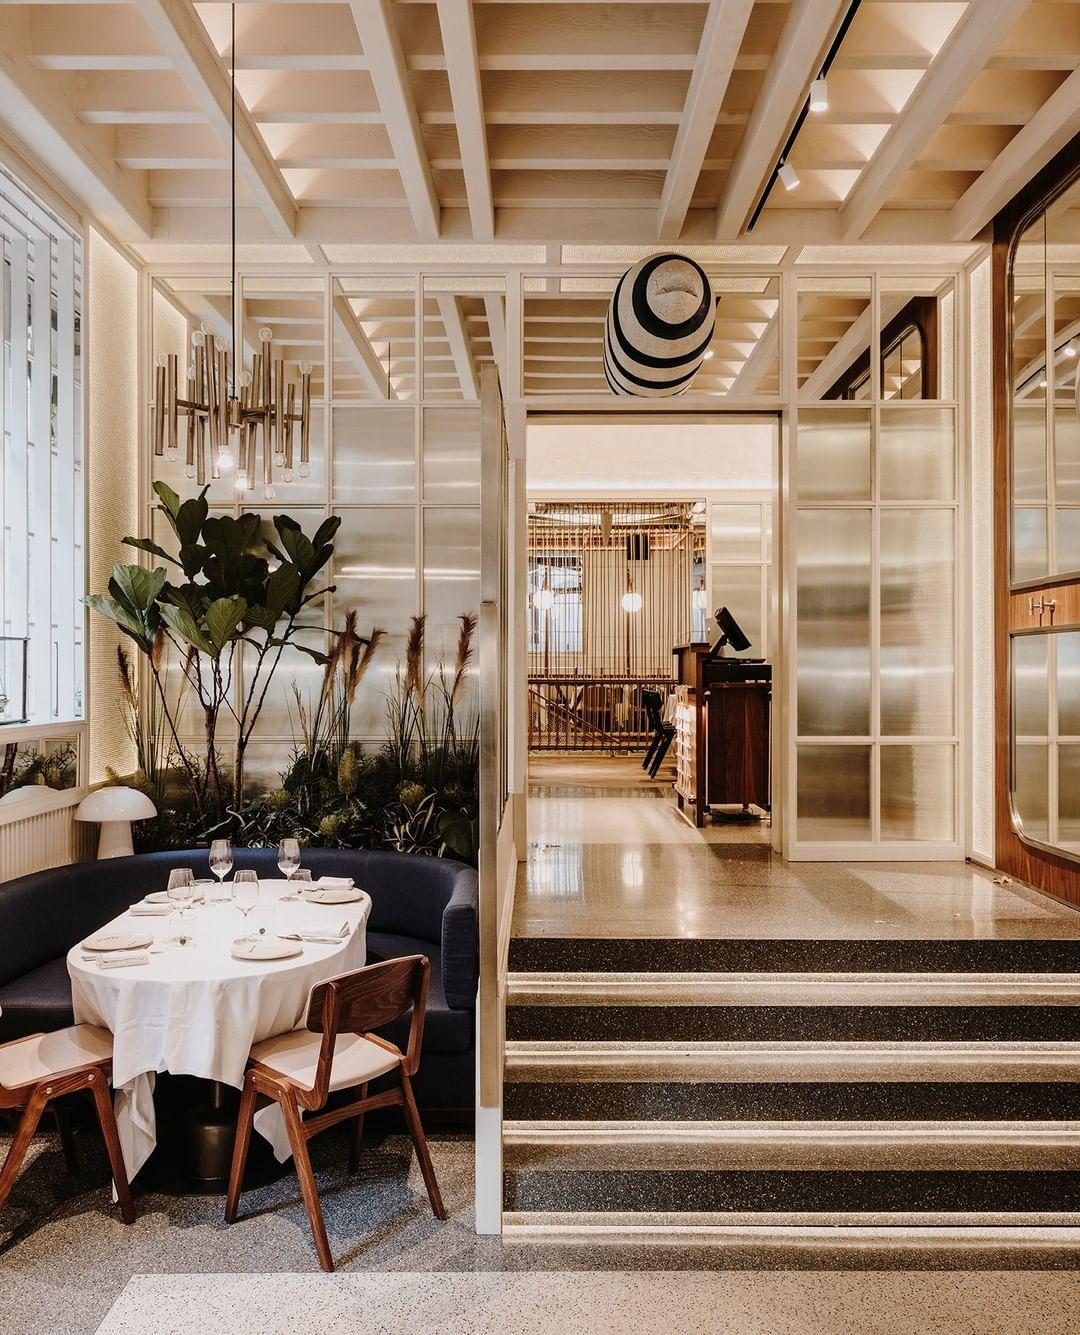 Diseño de Interiores: Astet un estudio lujuoso y poderoso en Barcelona diseño de interiores Diseño de Interiores: Astet un estudio lujuoso y poderoso en Barcelona 107260105 148861400118803 1827343618753265673 n